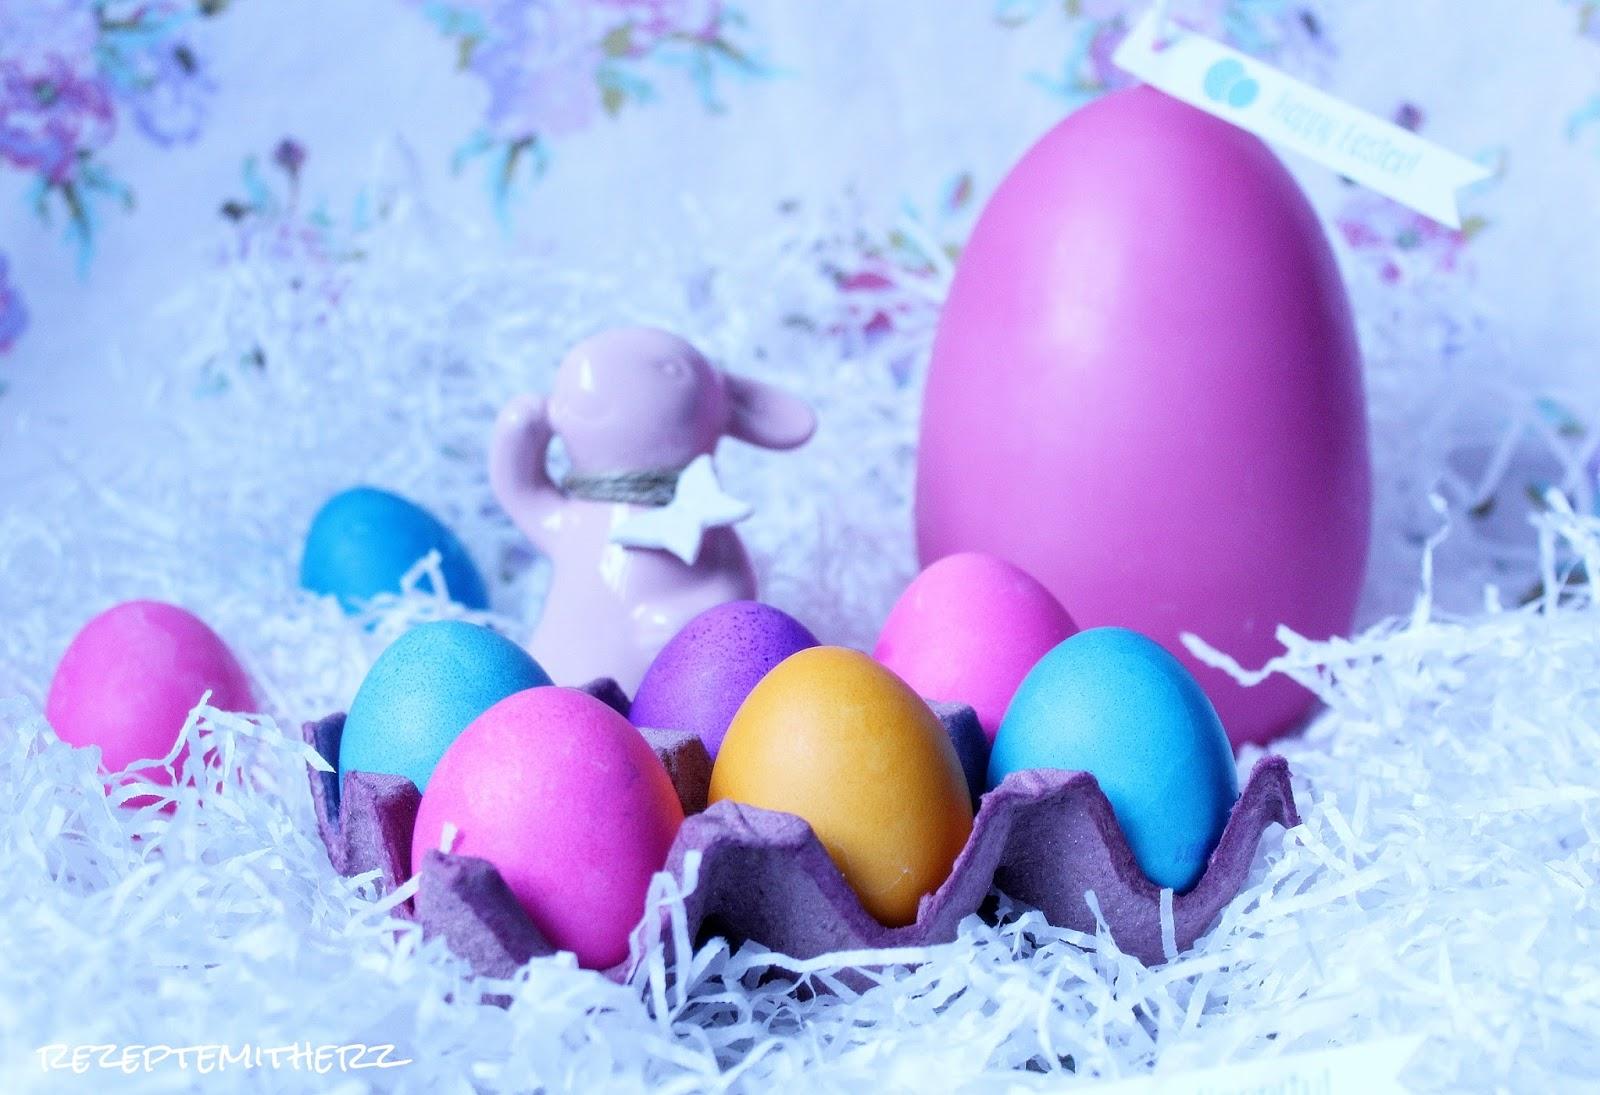 Rezepte mit herz eier kochen f rben im thermomix - Eier weich kochen zeit ...